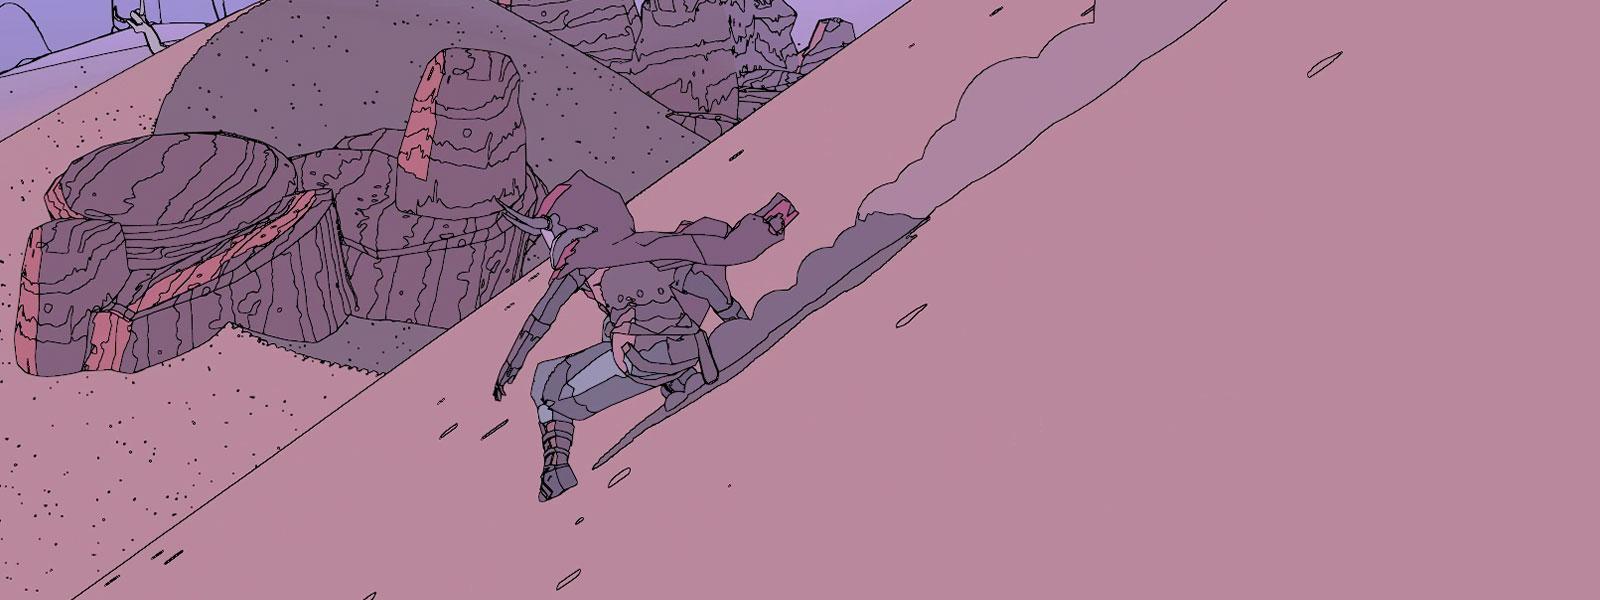 Η Sable κατεβαίνει λόφο γλιστρώντας με πετρώματα από βράχους και έναν πύργο στο φόντο